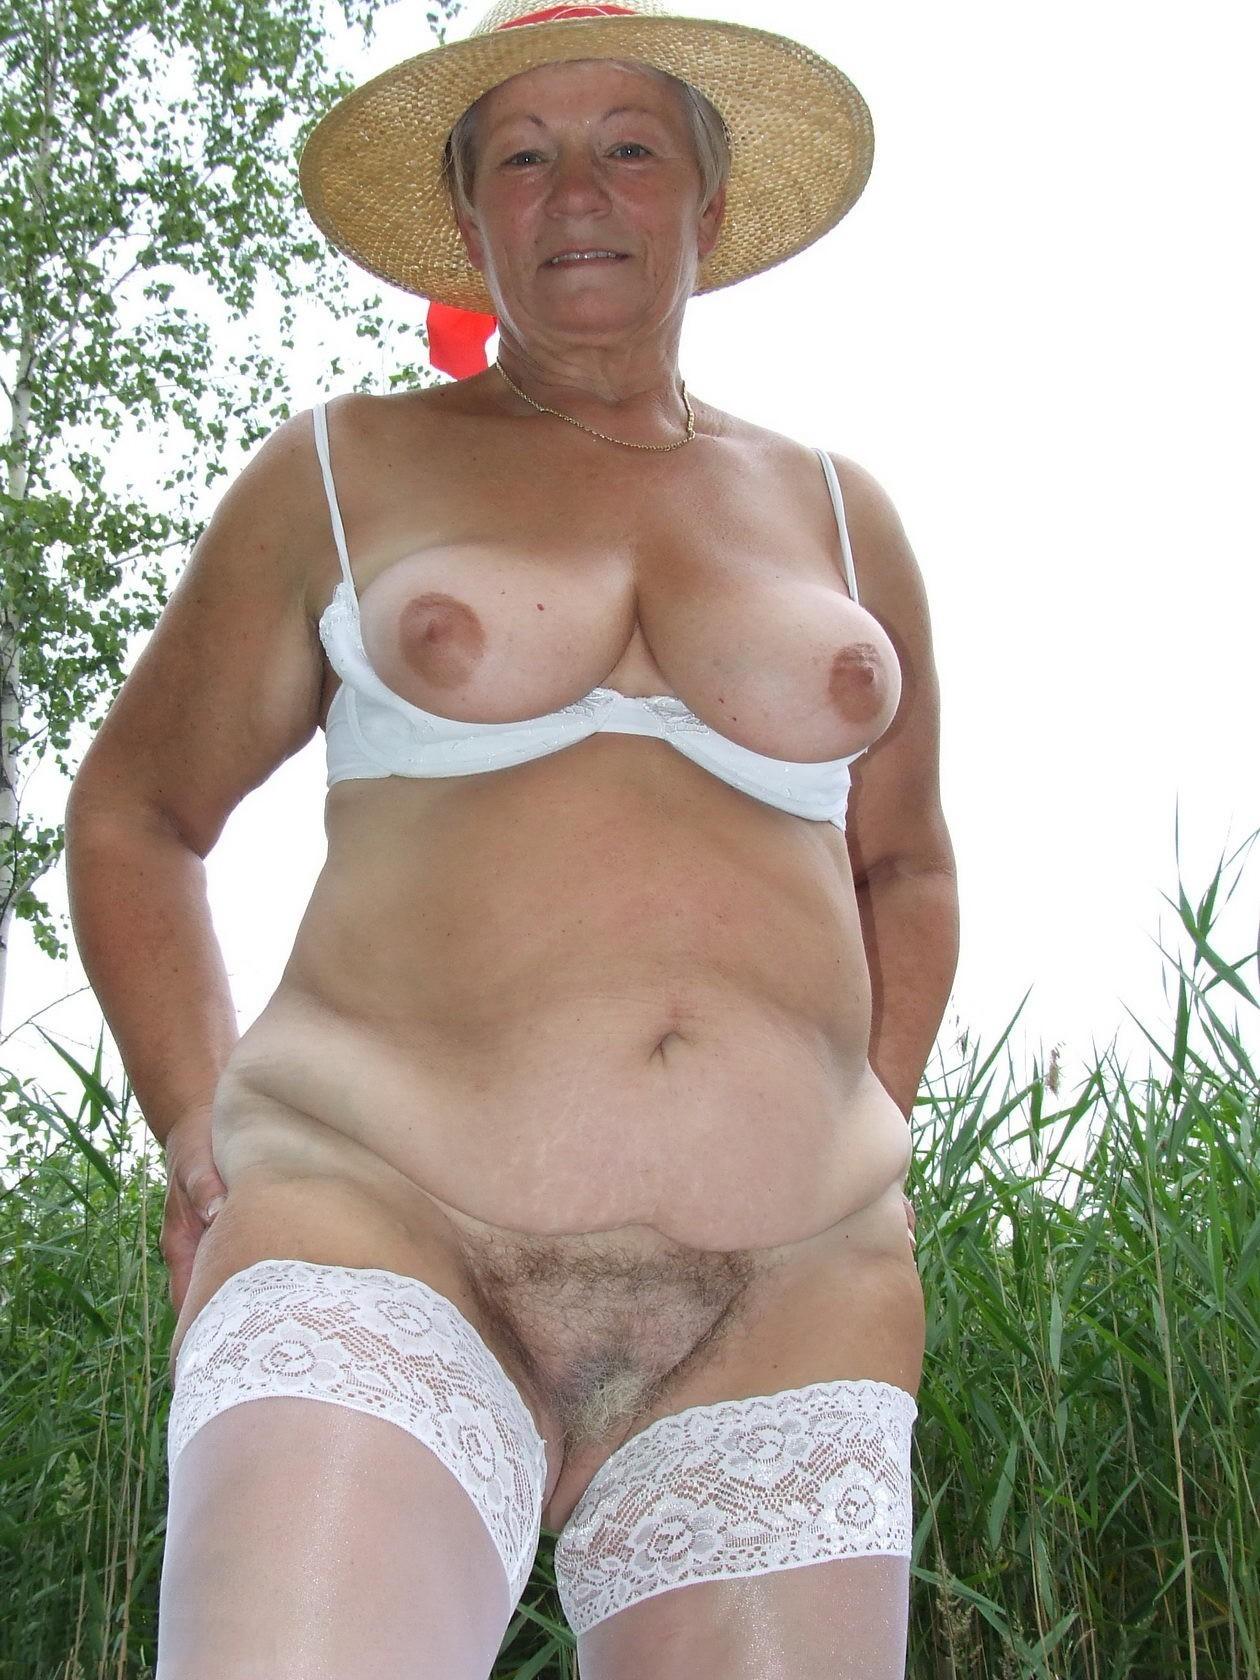 зарезала его, голая бабуся на фото ним